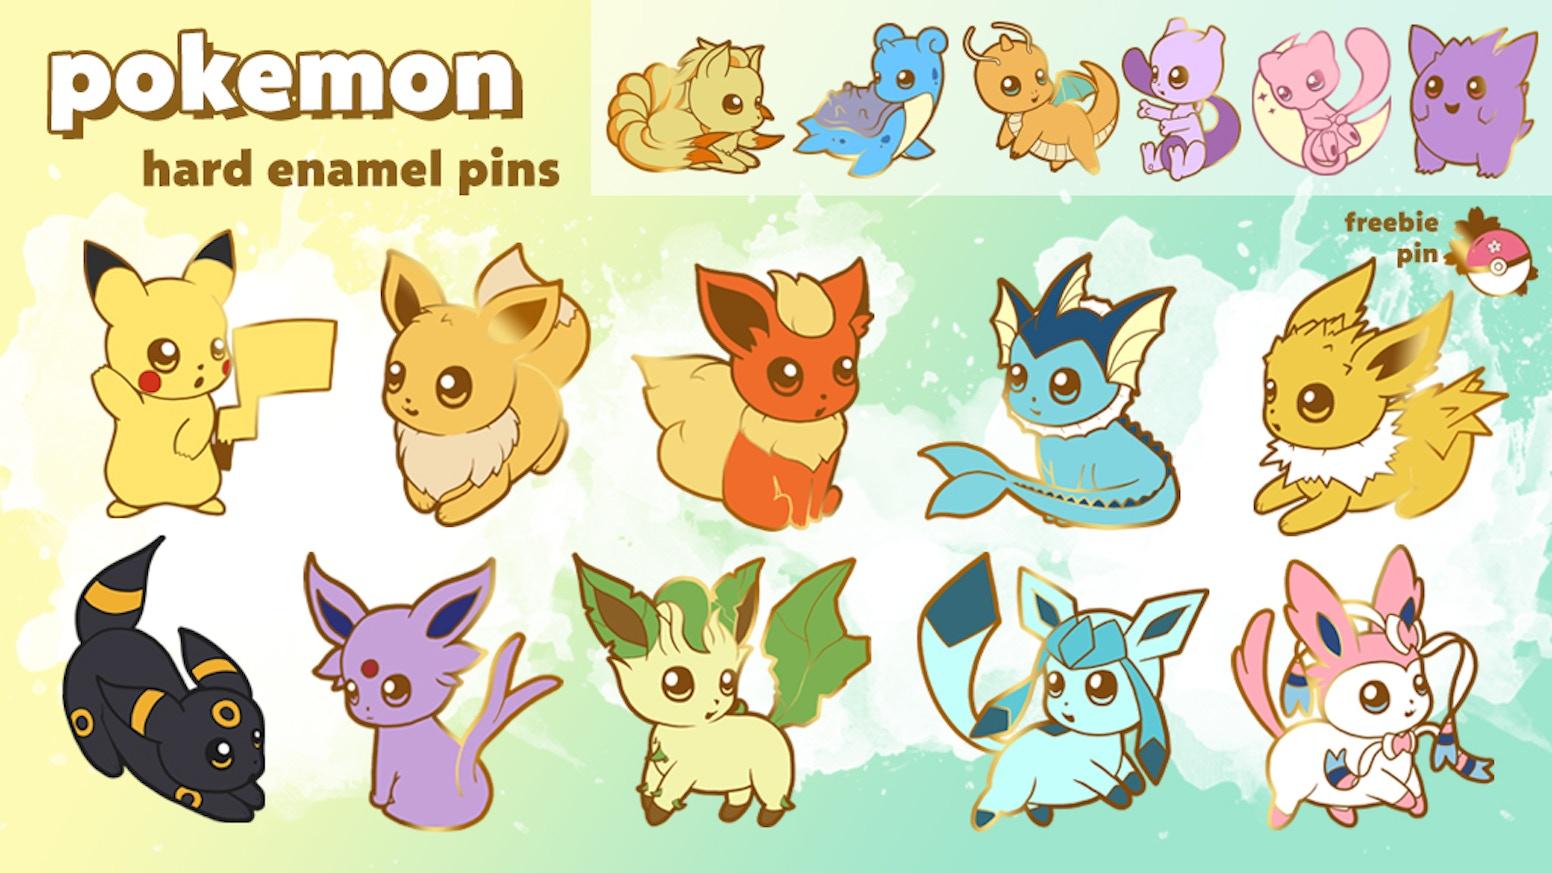 POKEMON Pikachu, Eevee & eeveelution Hard Enamel Pins by